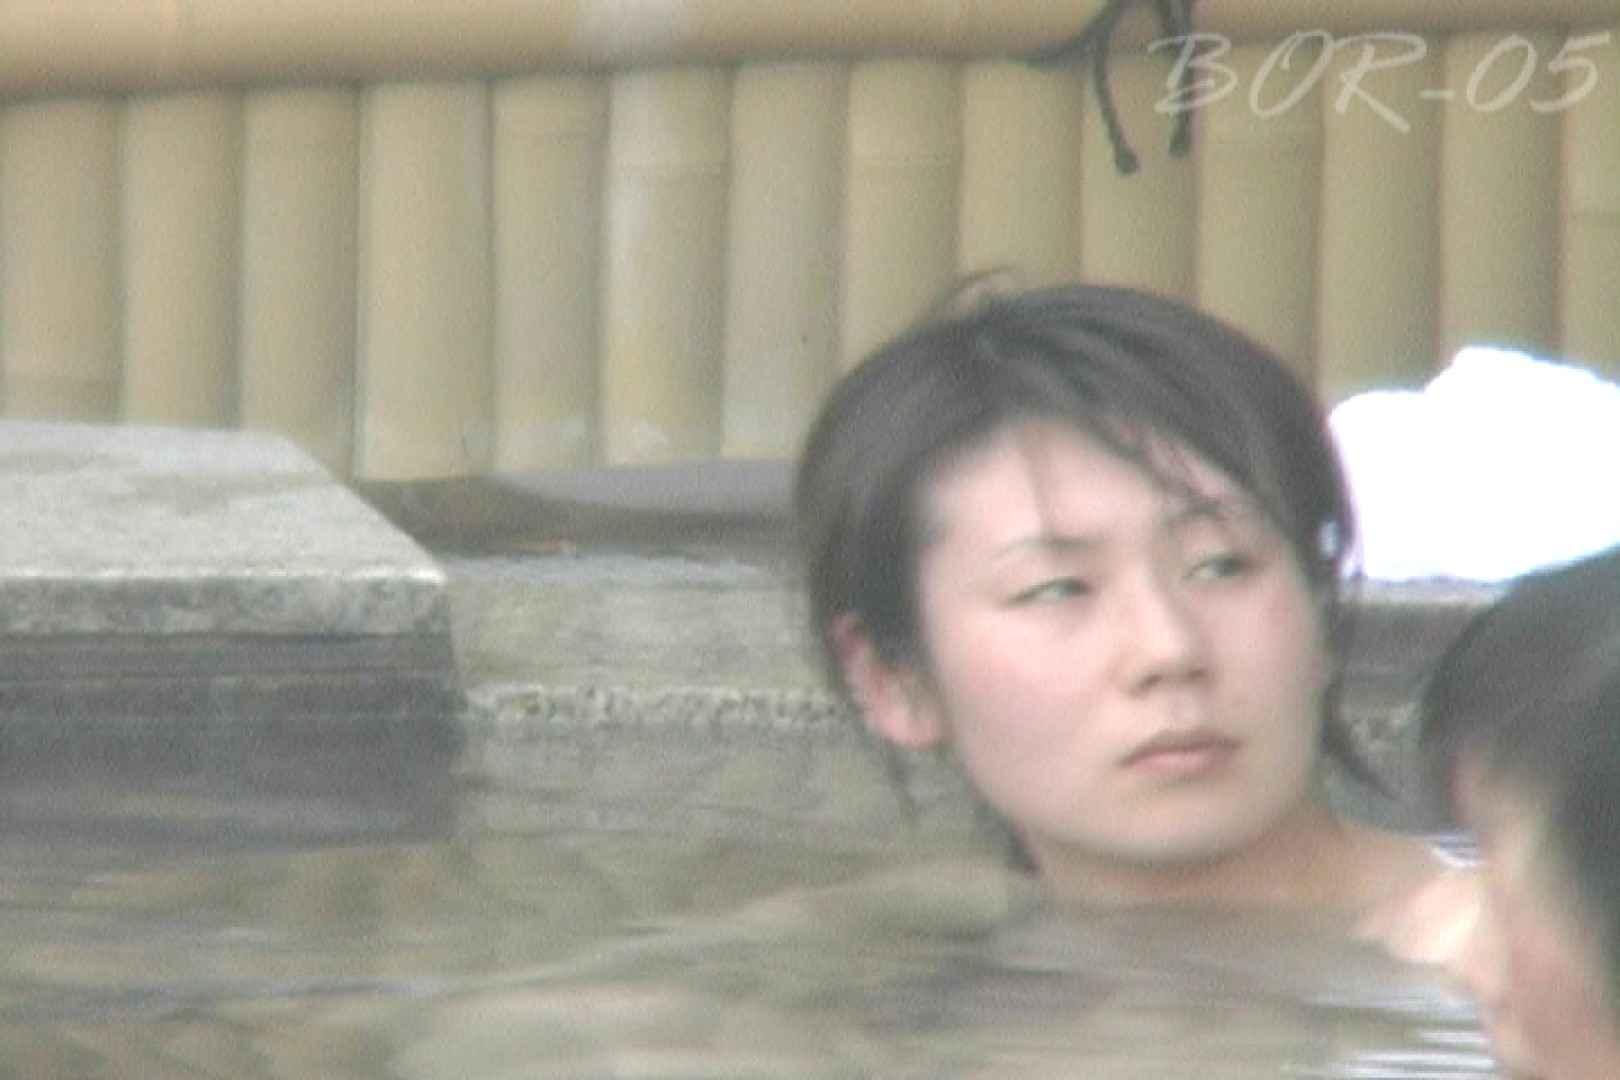 Aquaな露天風呂Vol.493 OLエロ画像  67PICs 66